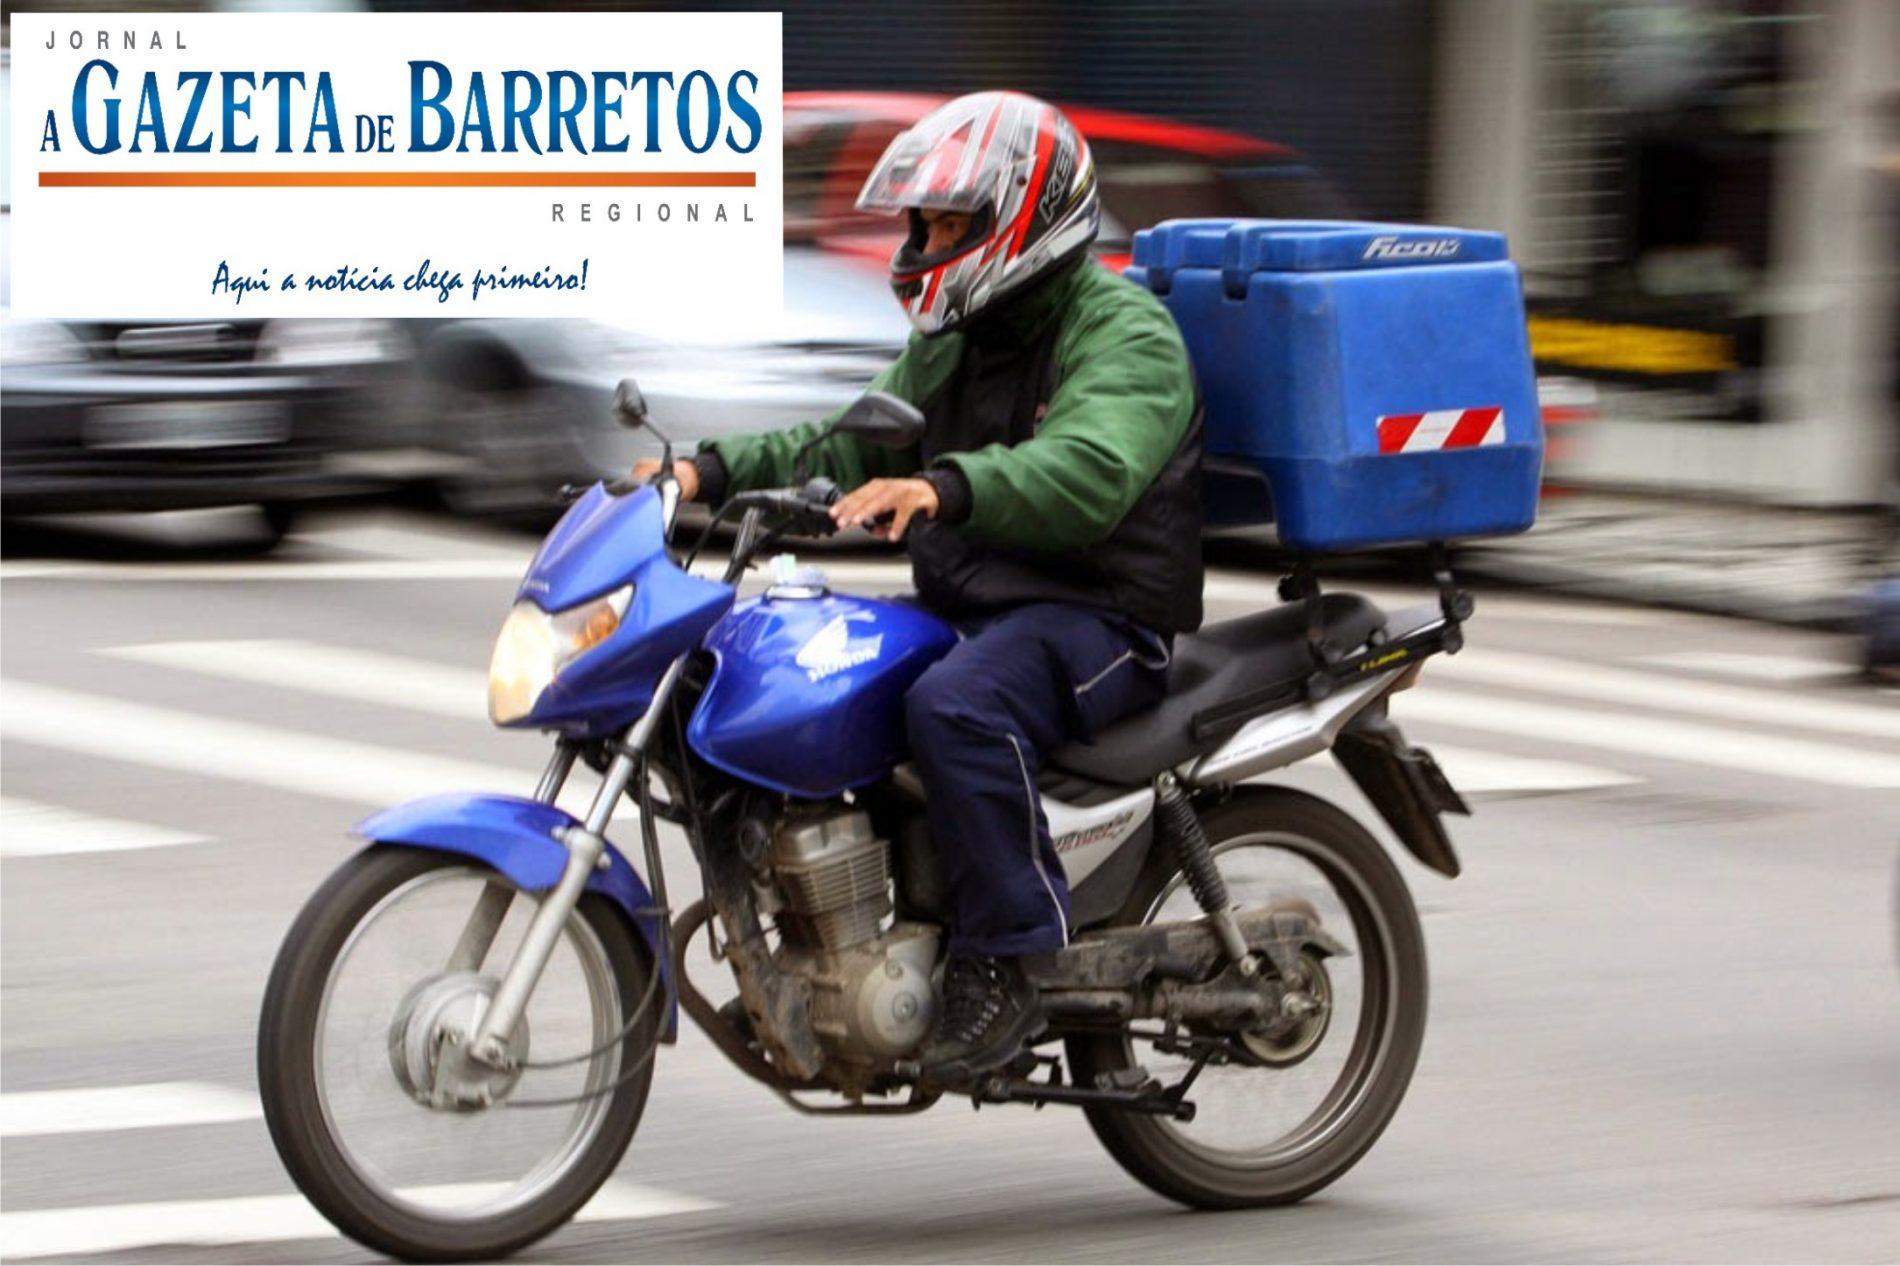 Motociclista(Entregador) em direção perigosa provoca Lesão Corporal e importunação ofensiva ao pudor